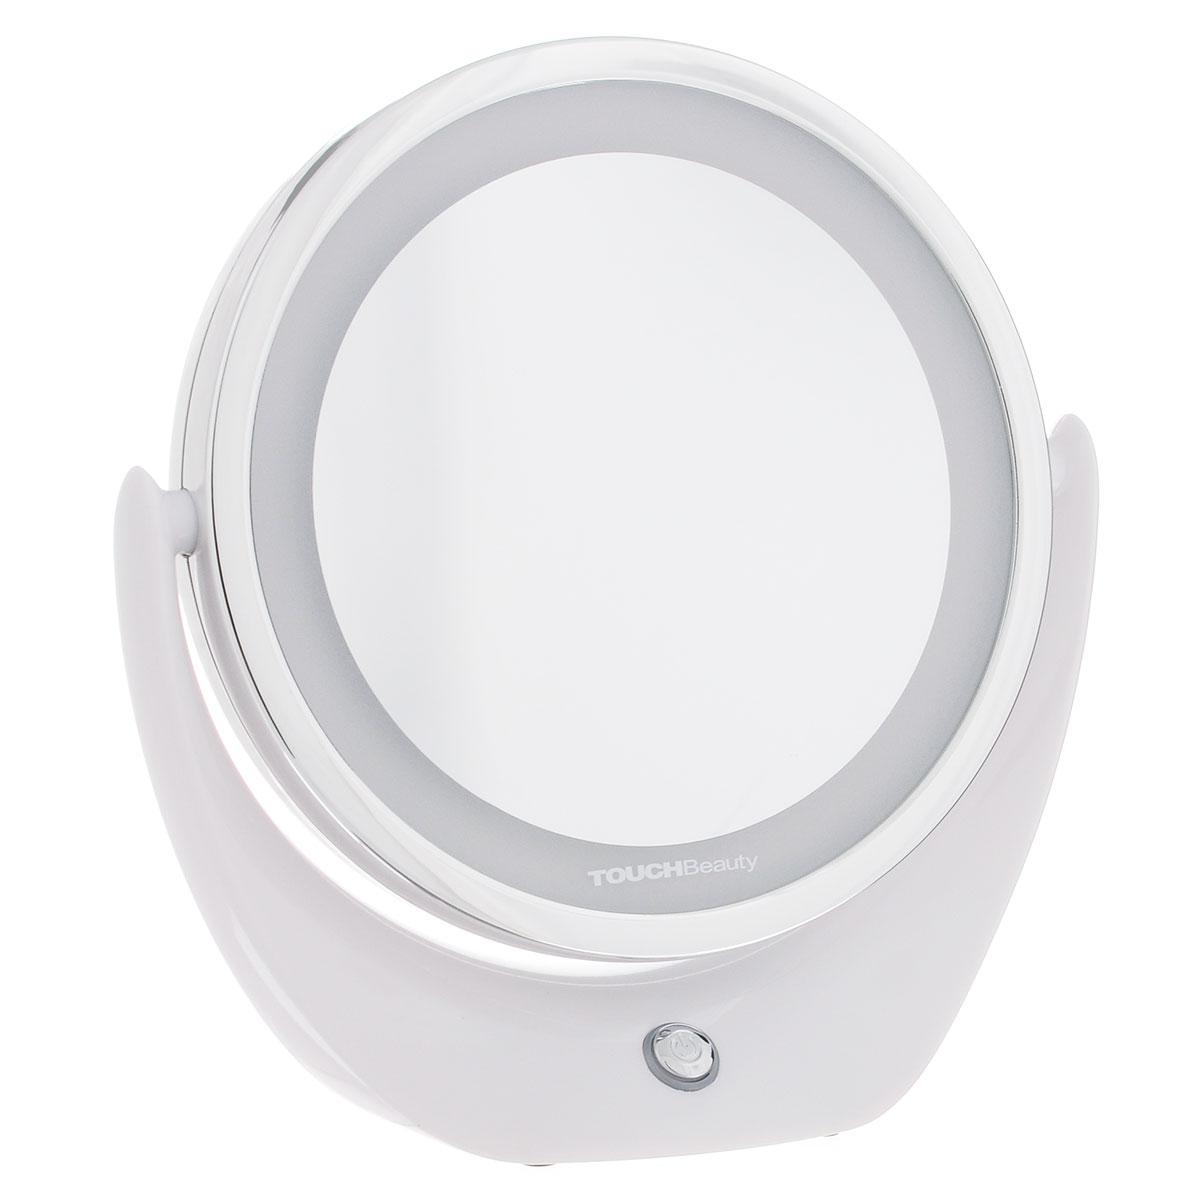 Touchbeauty Настольное двойное зеркало, с подсветкой. AS-1276